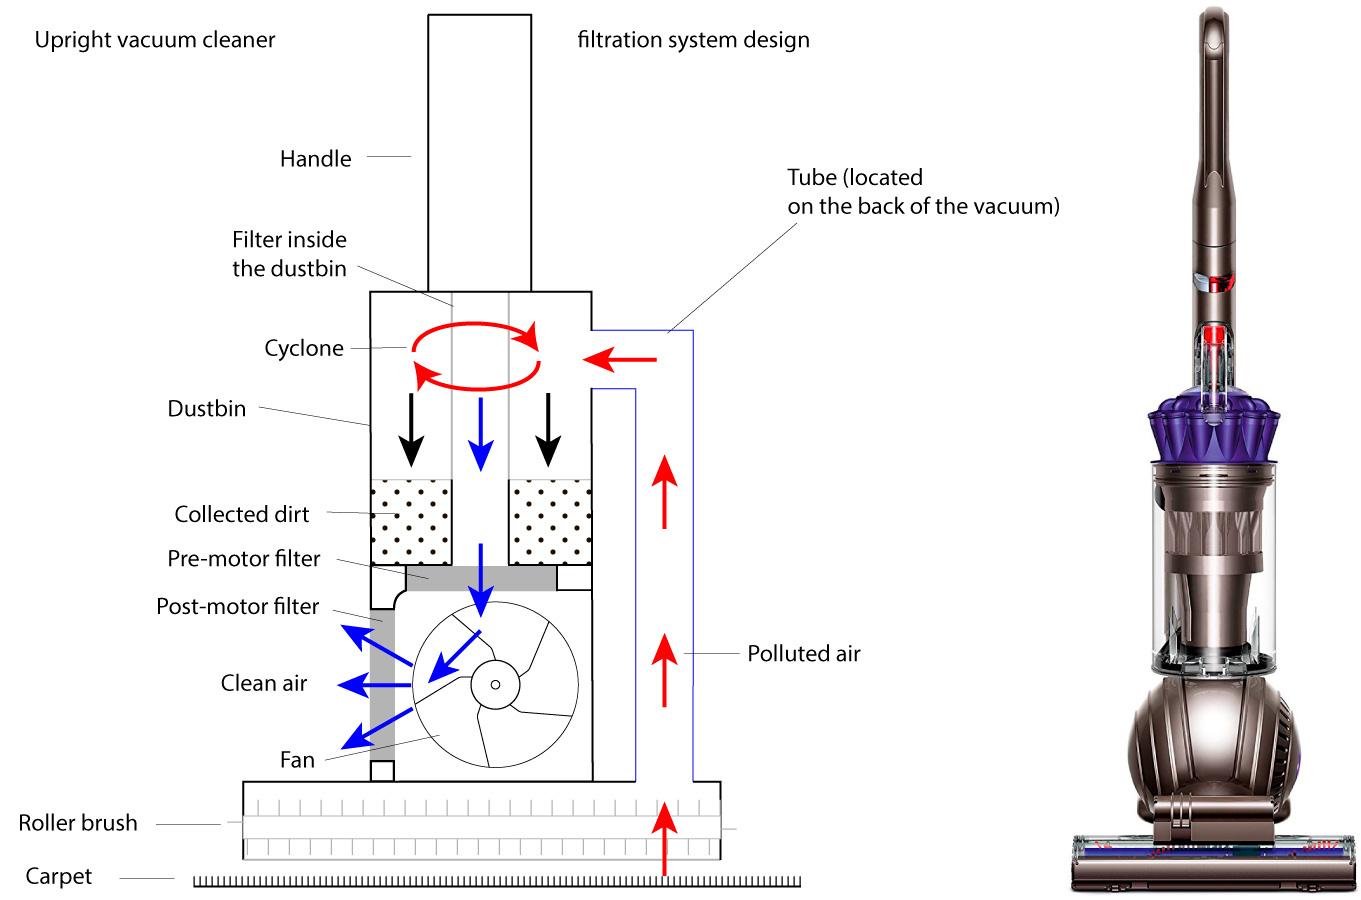 Upright vacuum cleaner filtration system design